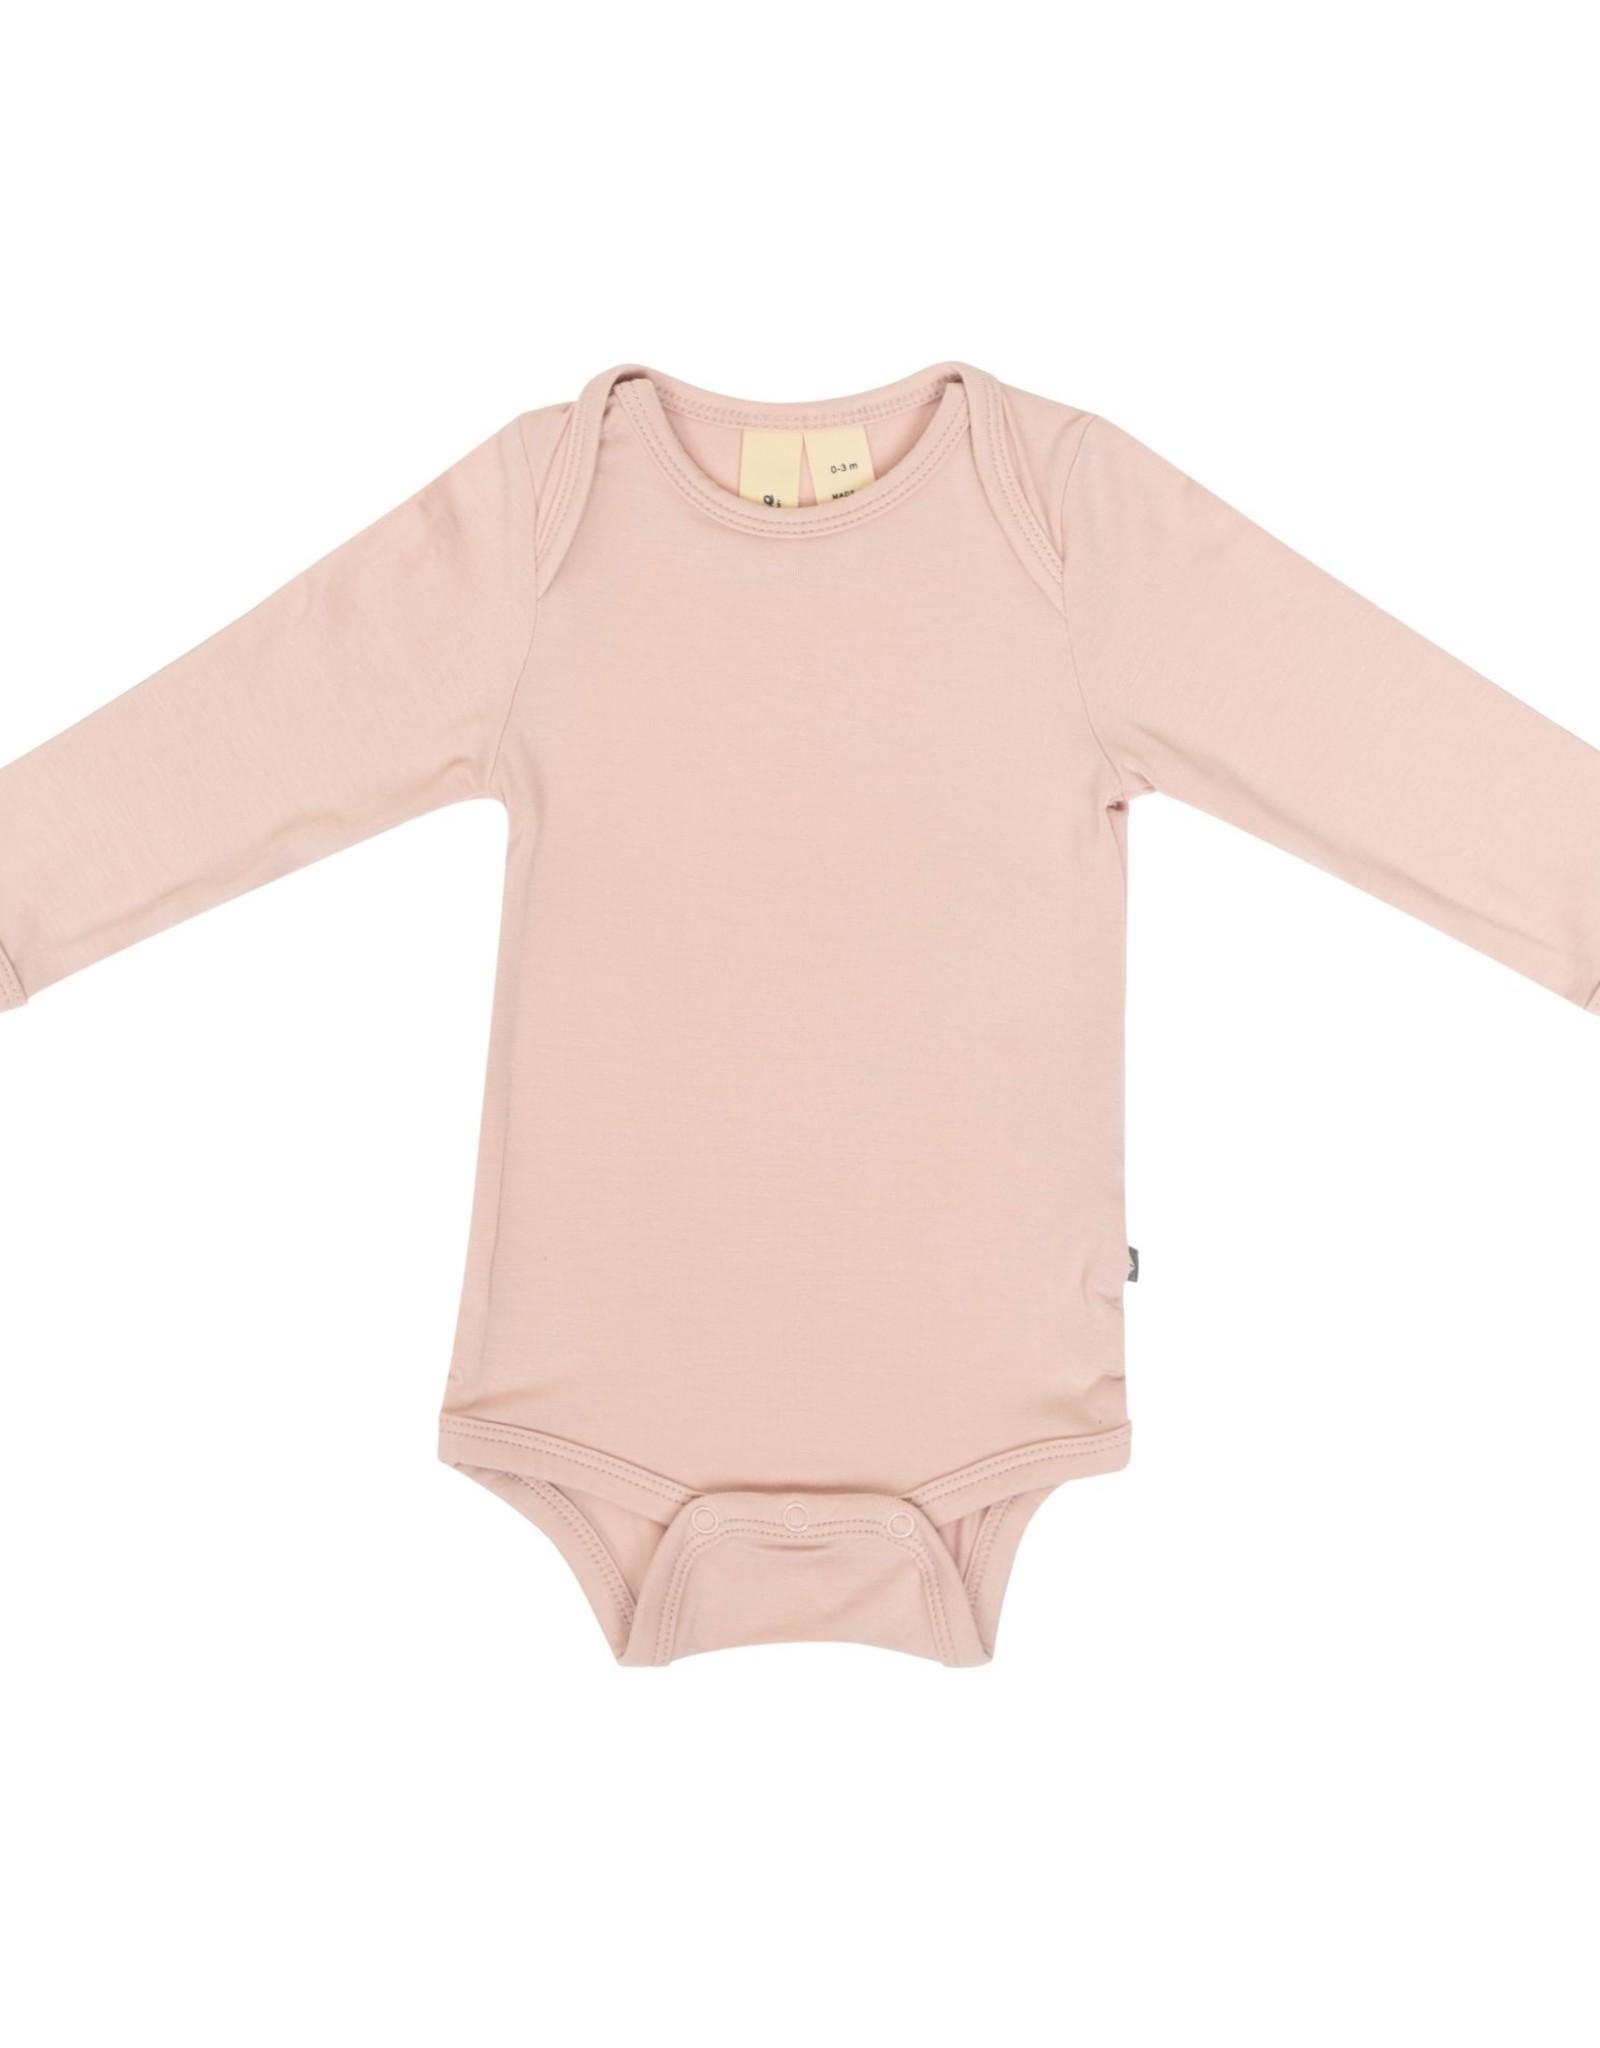 Kyte Baby l/s bodysuit - blush